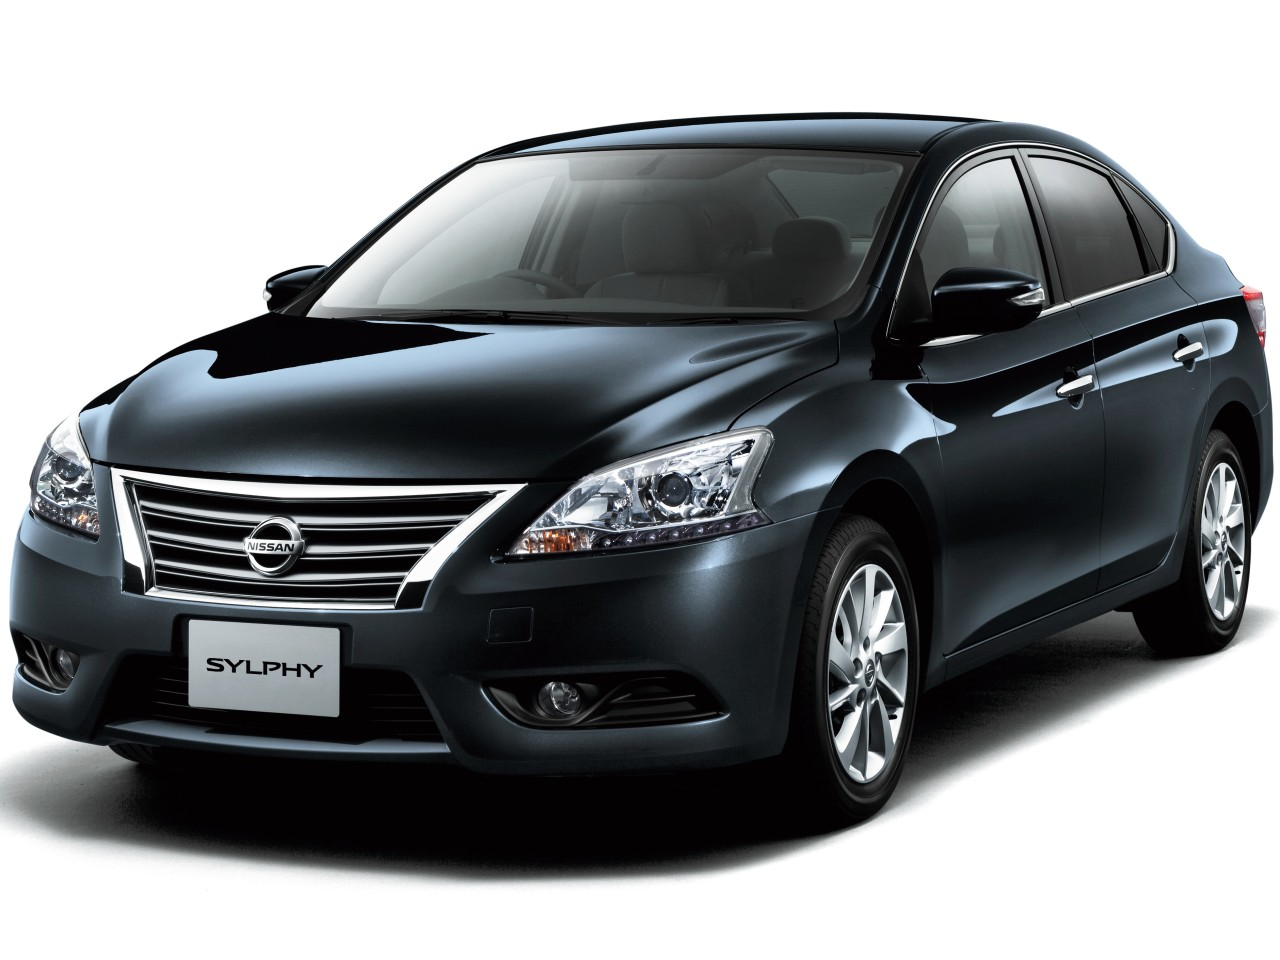 日産 シルフィ 2012年モデル 新車画像